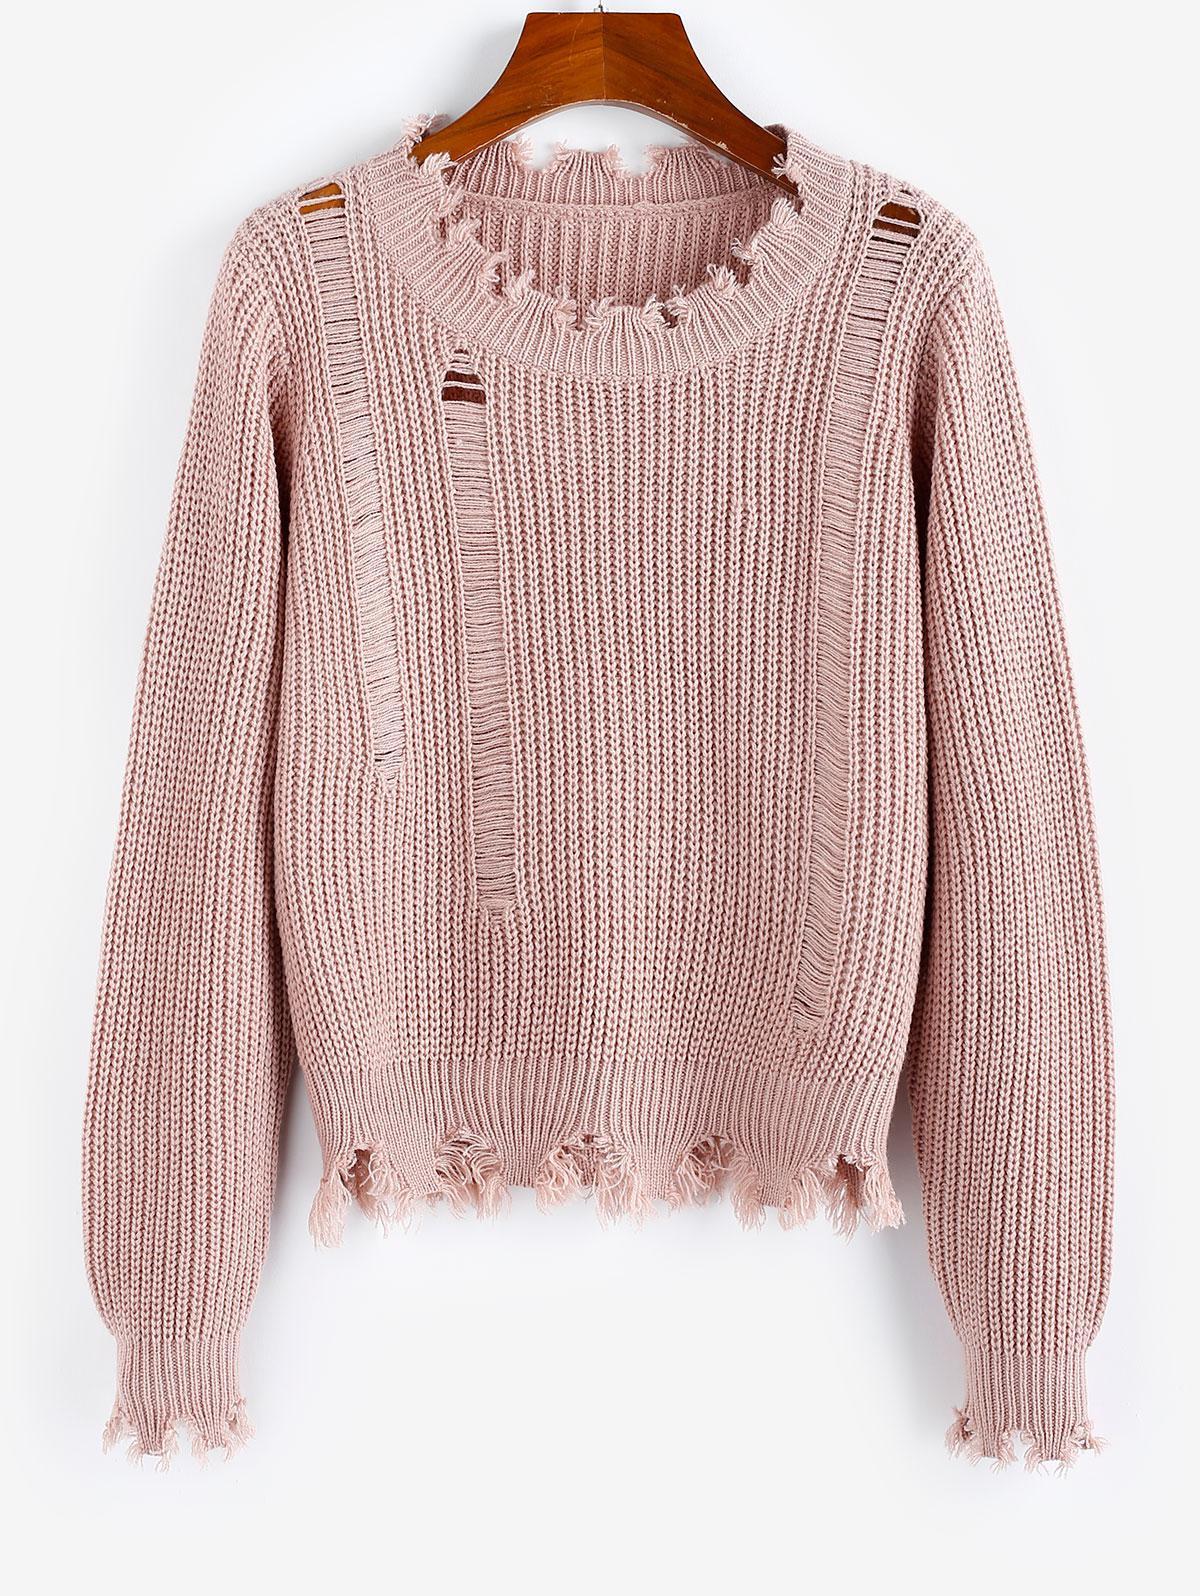 ZAFUL Ripped Frayed Detail Plain Sweater